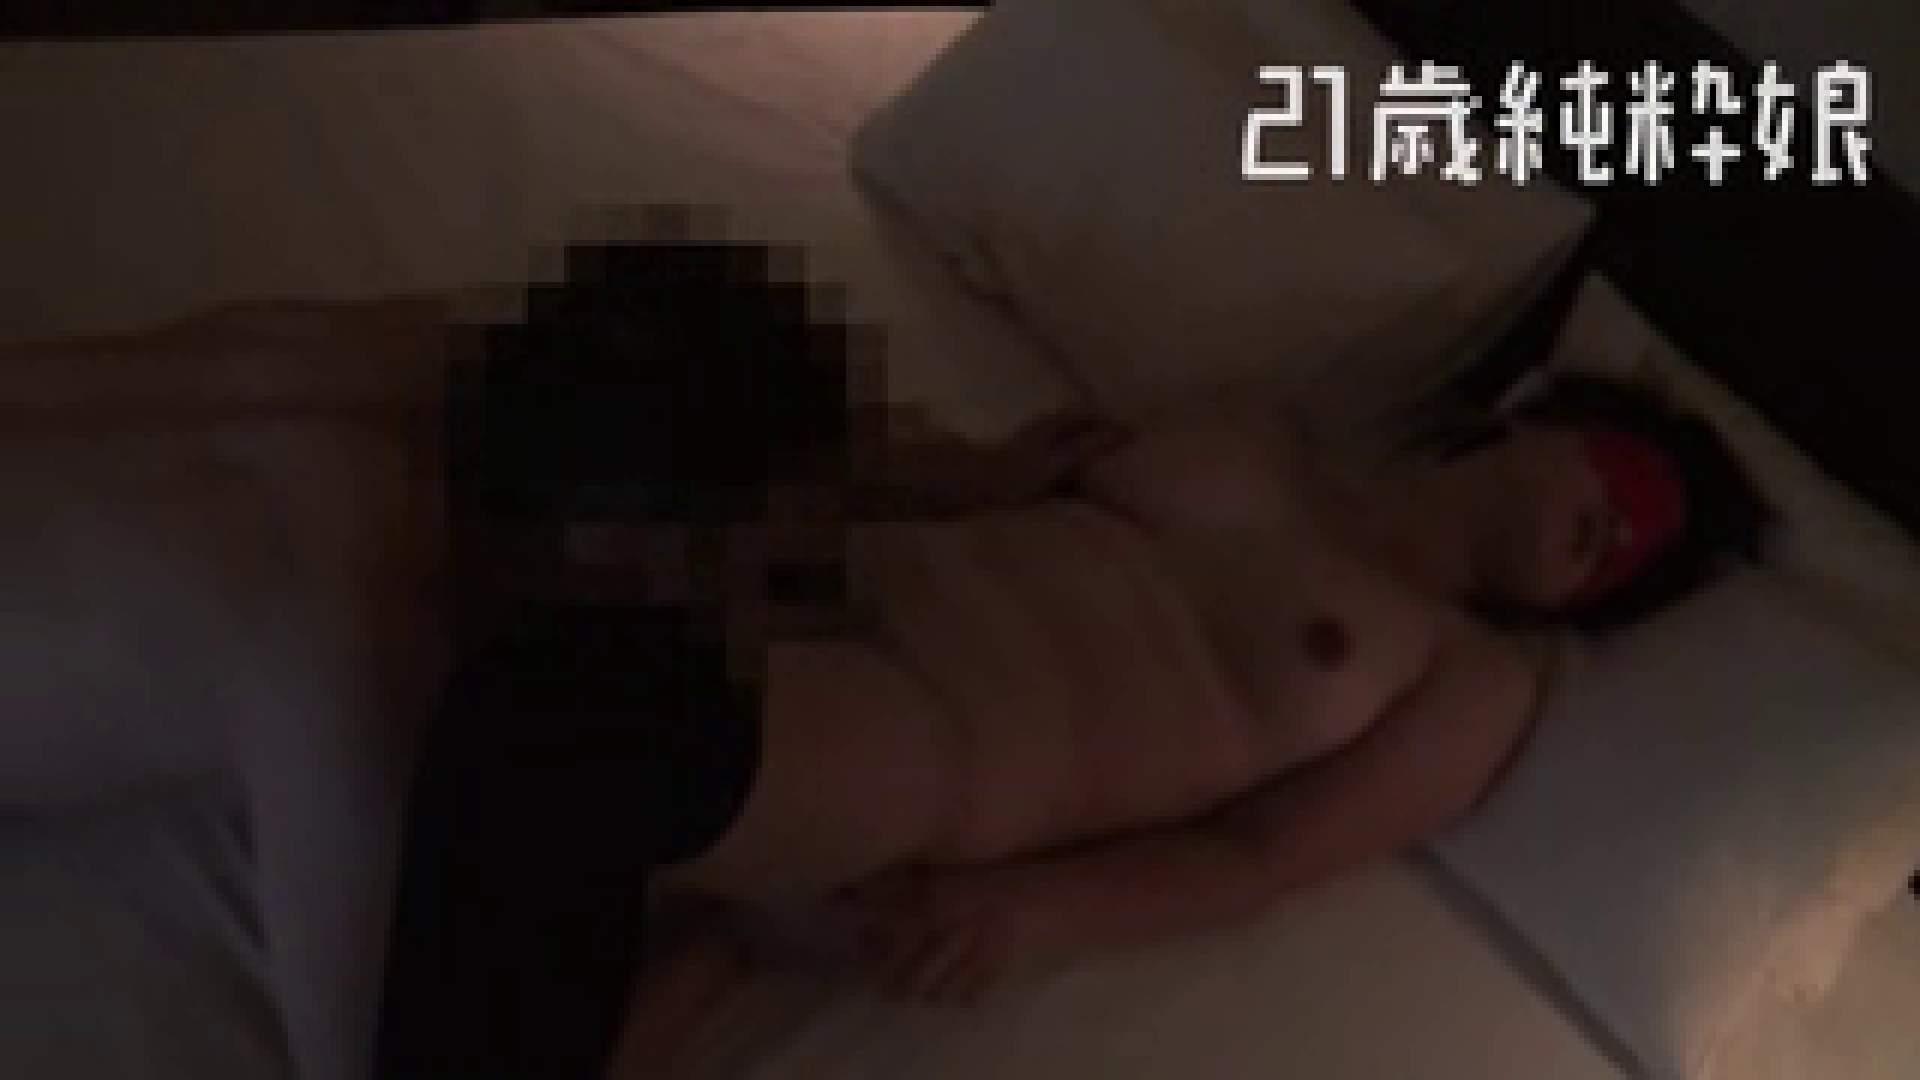 上京したばかりのGカップ21歳純粋嬢を都合の良い女にしてみた4 友人 | ホテル  60連発 51